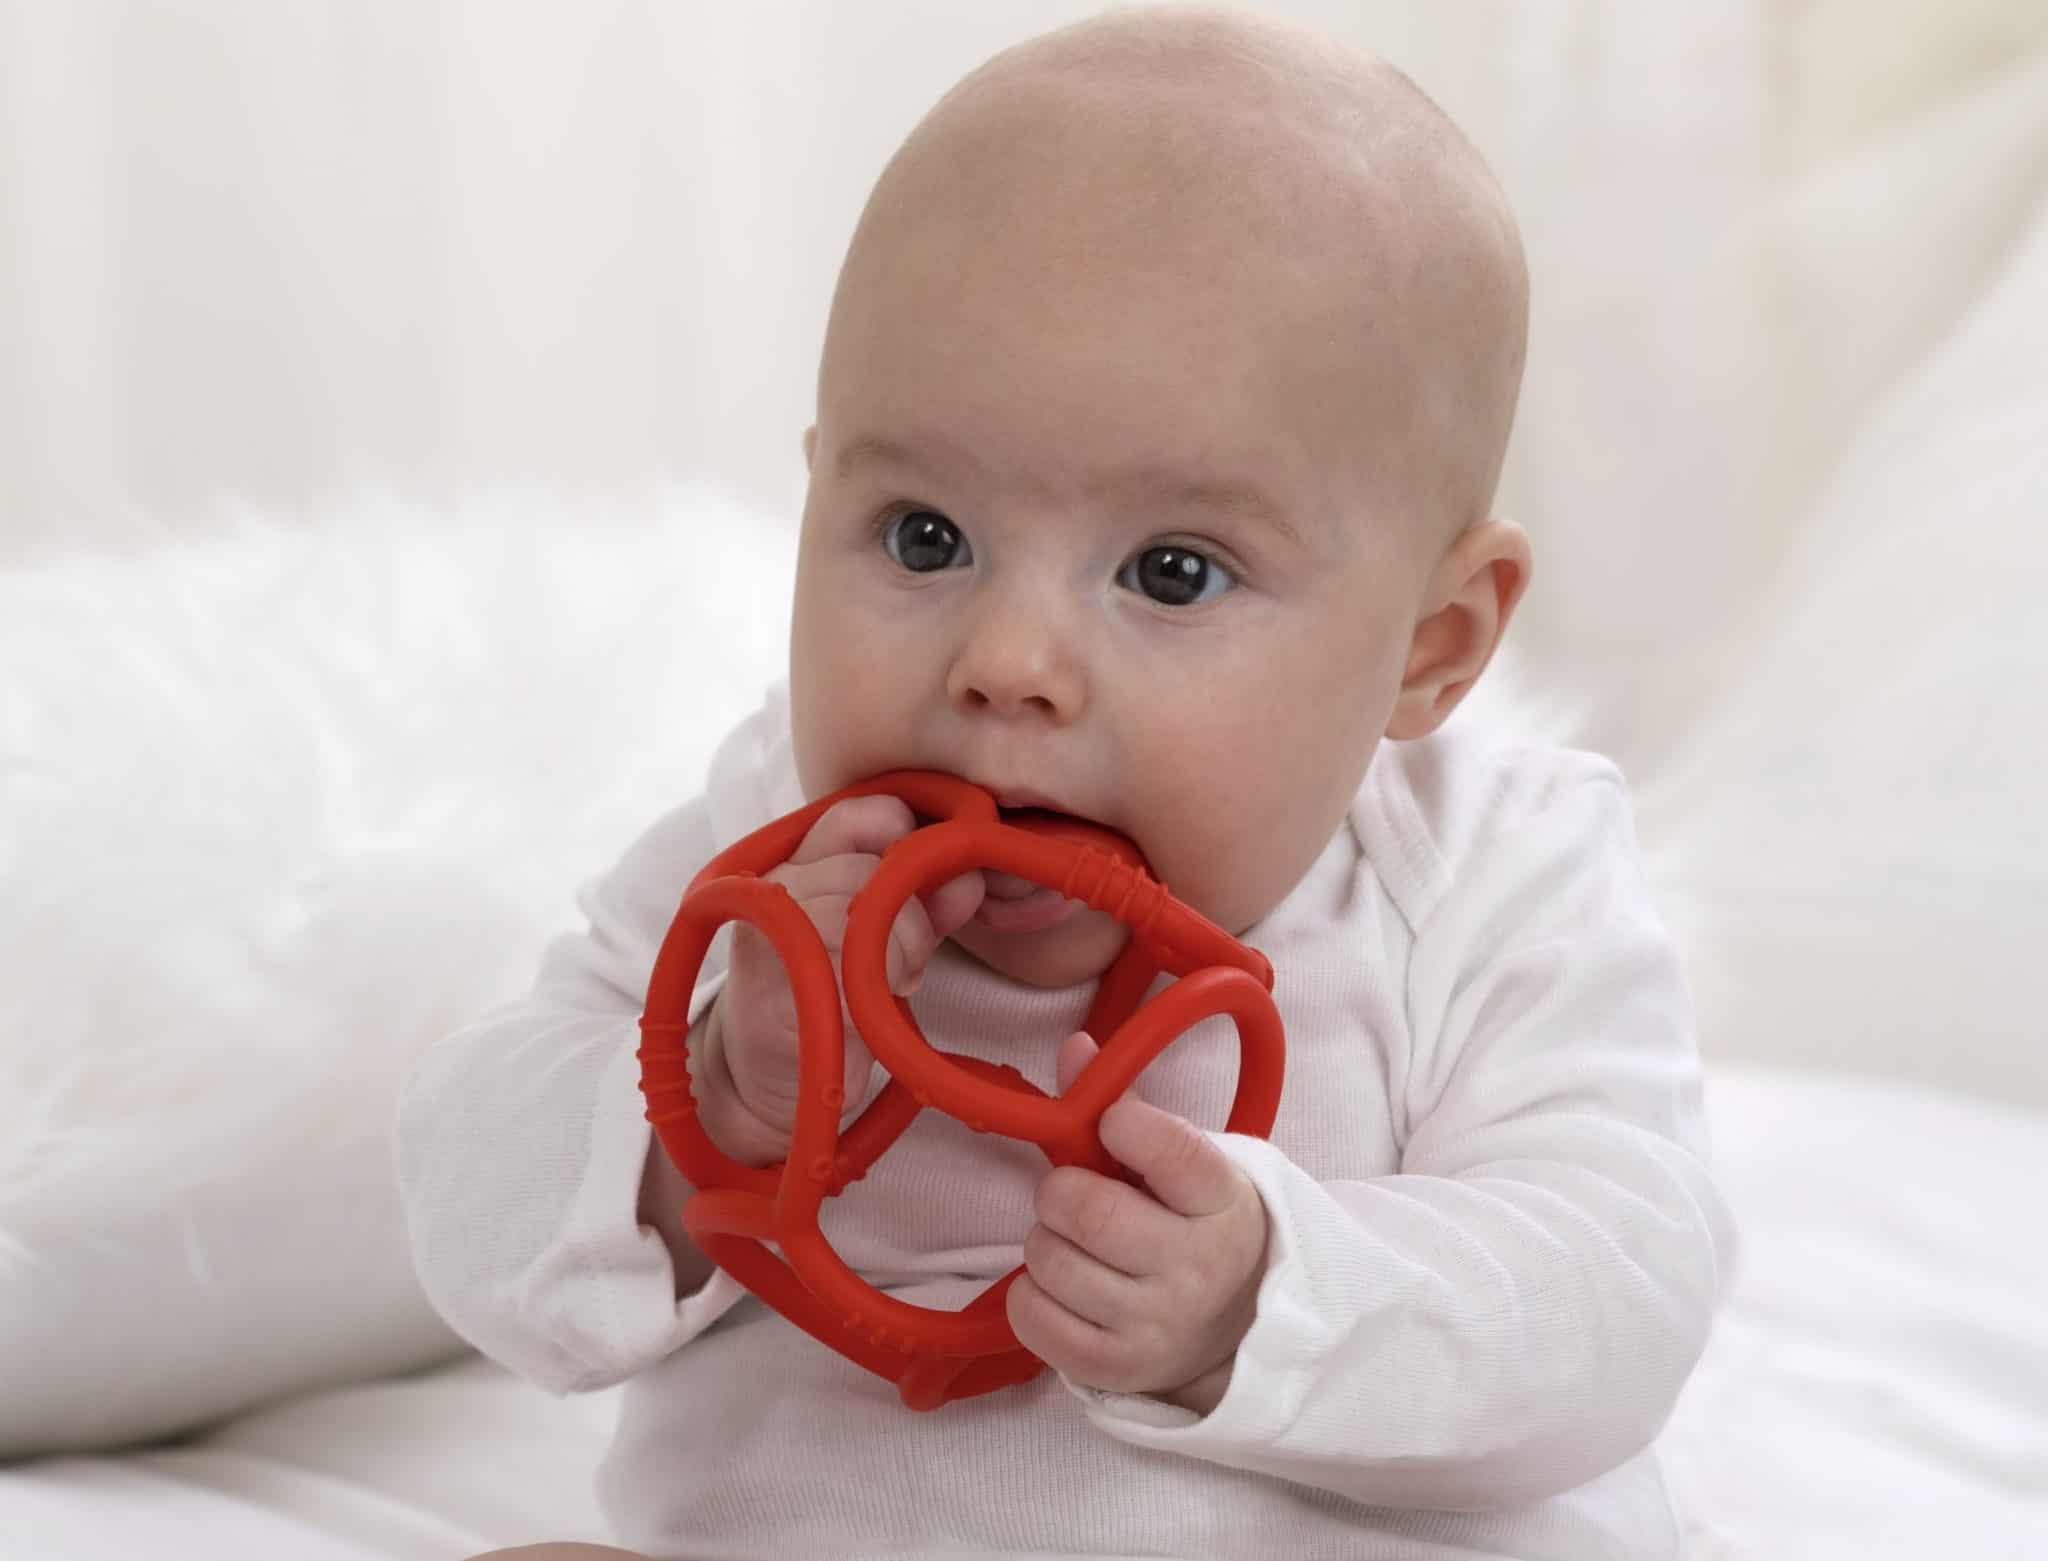 נשכן חדש לתינוקות בצורת כדור צבעוני